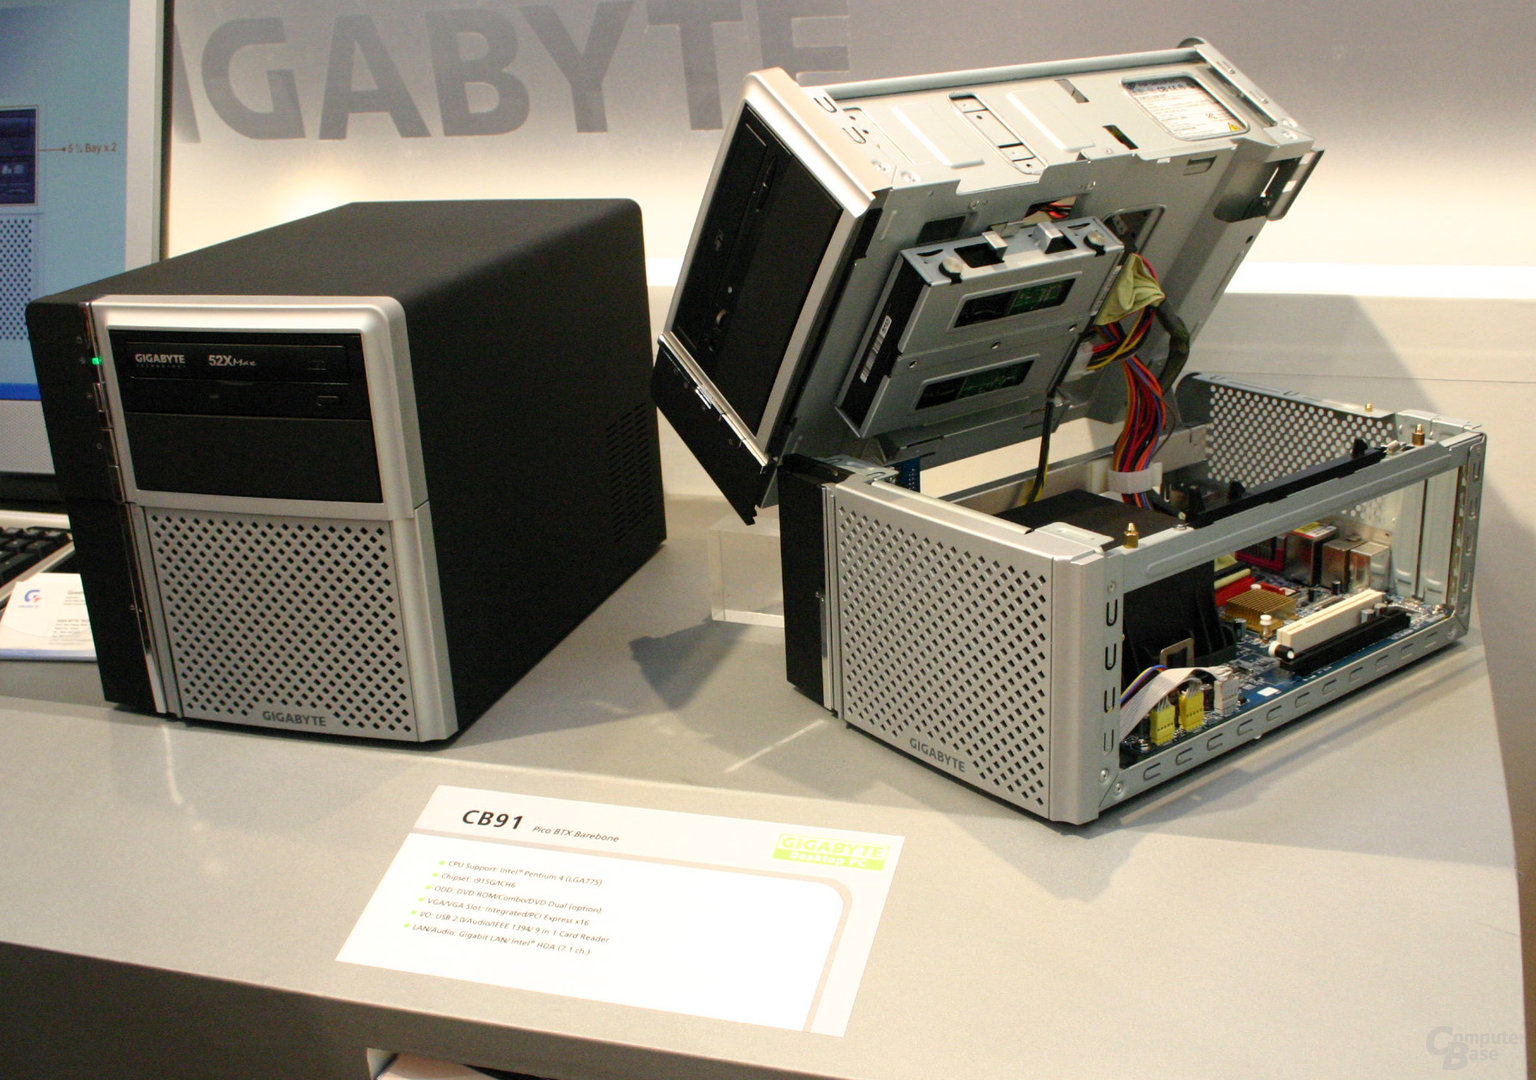 Gigabytes BTX-Barebone CB91